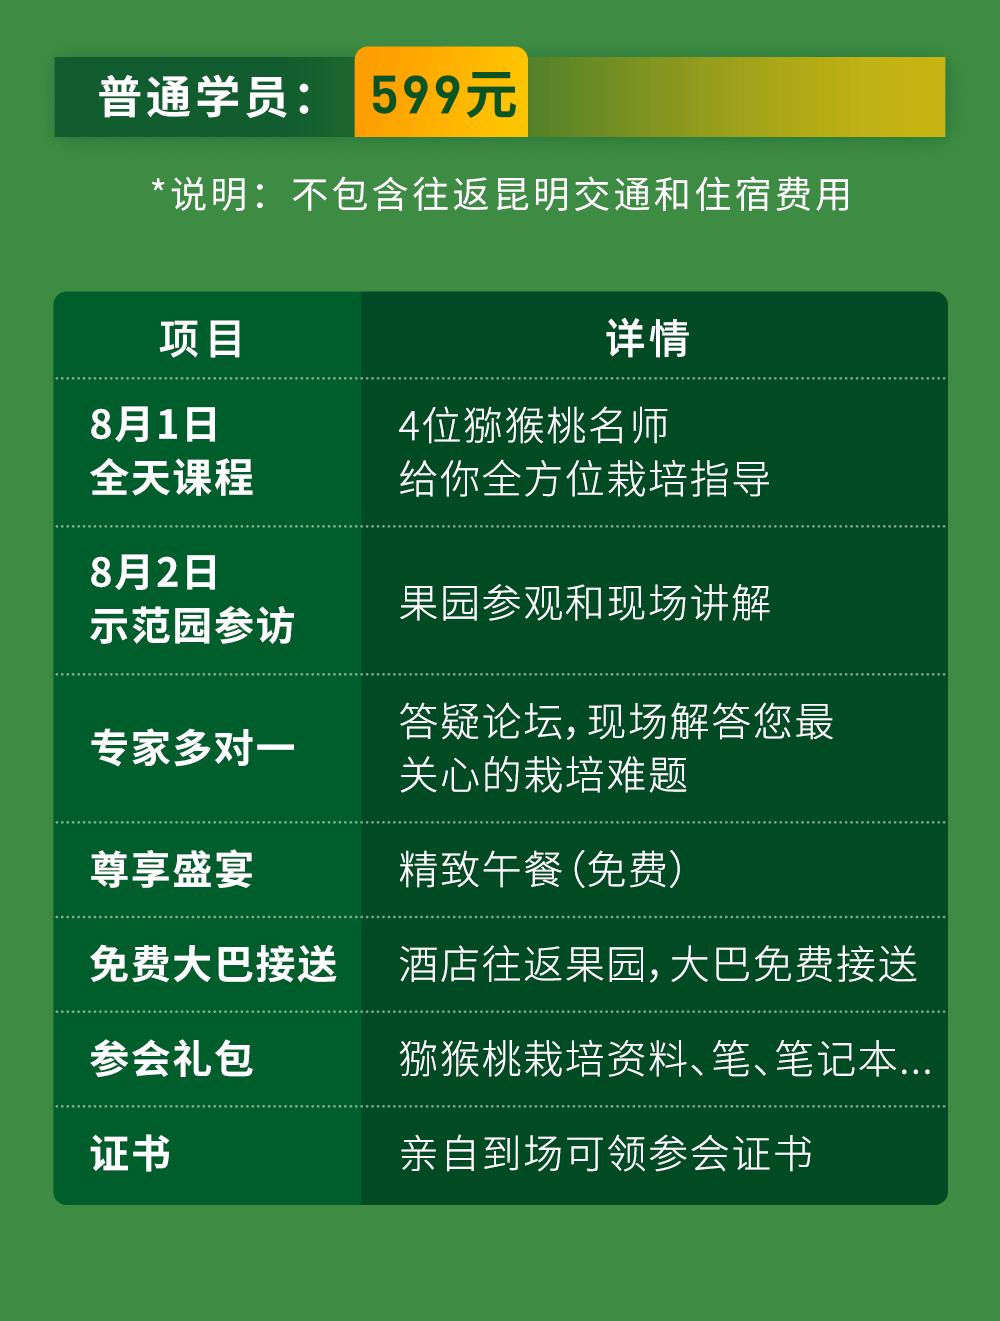 详情_11.png